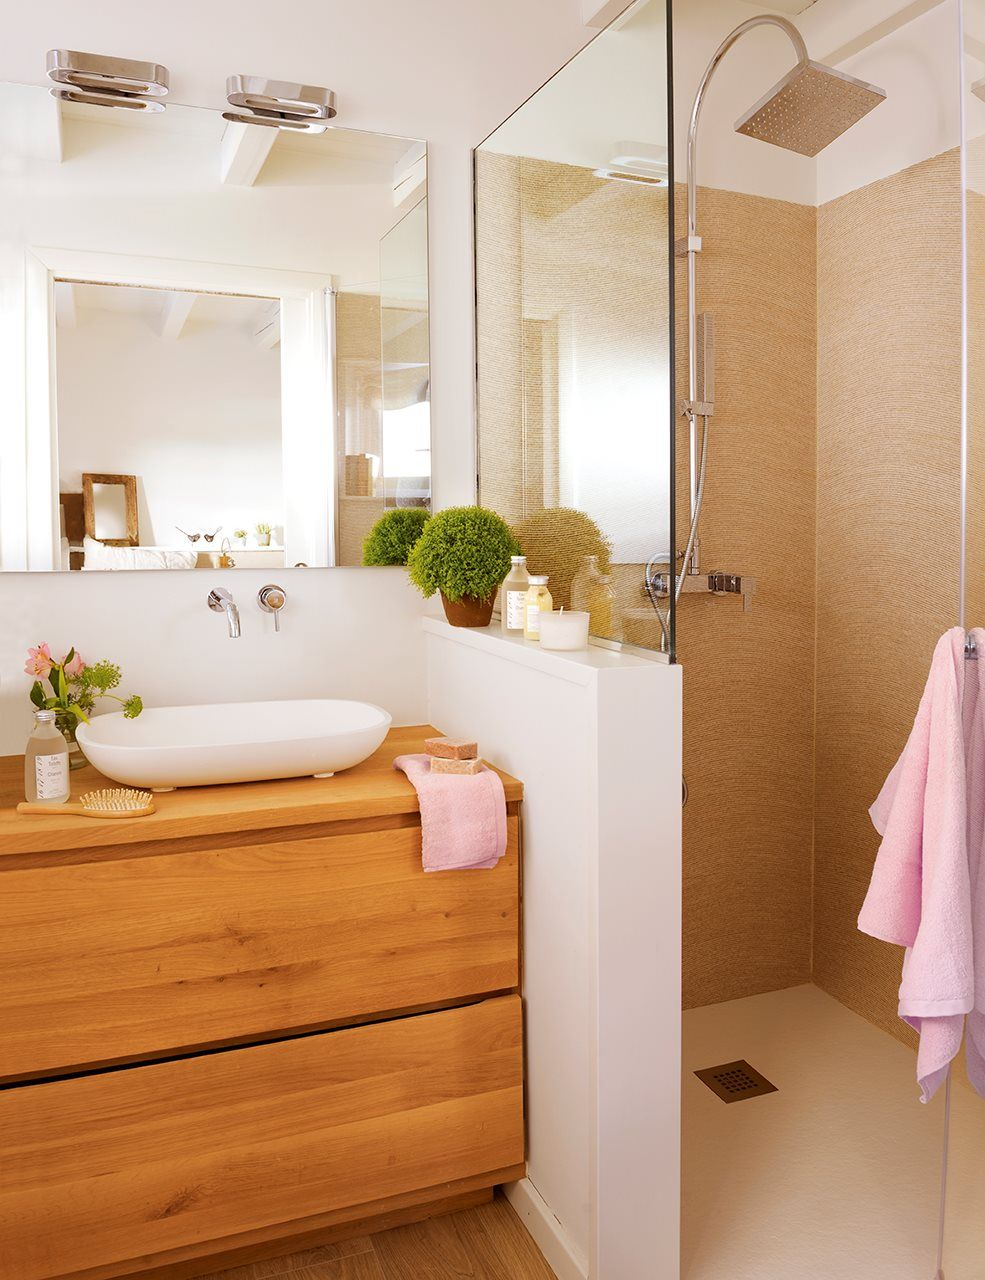 Cambio de imagen para un apartamento de monta a elmueble for Grado medio decoracion de interiores